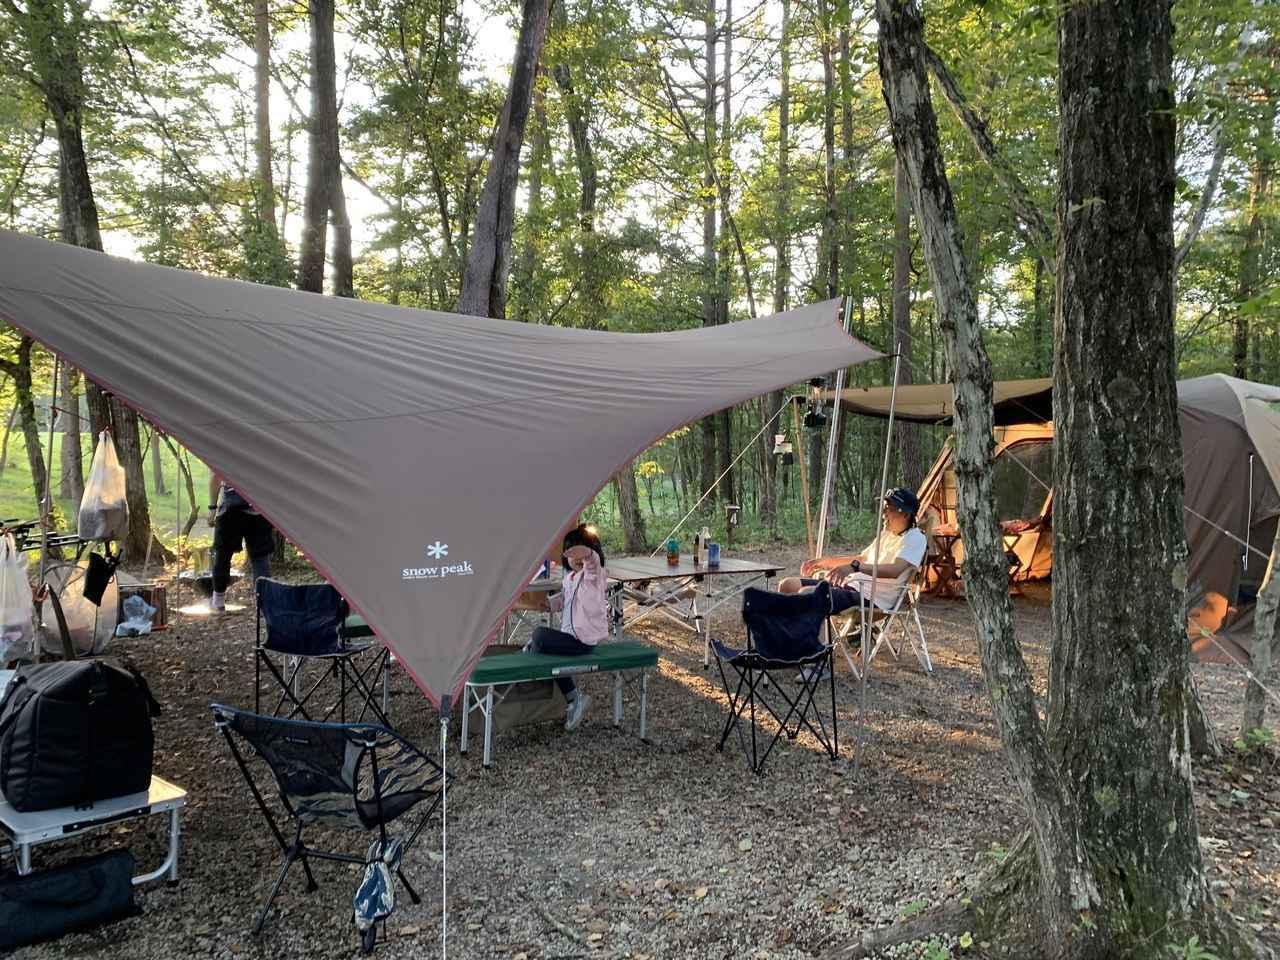 画像: 【おすすめキャンプ場18】本格アスレチックも人気!森の中の高規格キャンプ場「ライジングフィールド軽井沢」 - ハピキャン(HAPPY CAMPER)